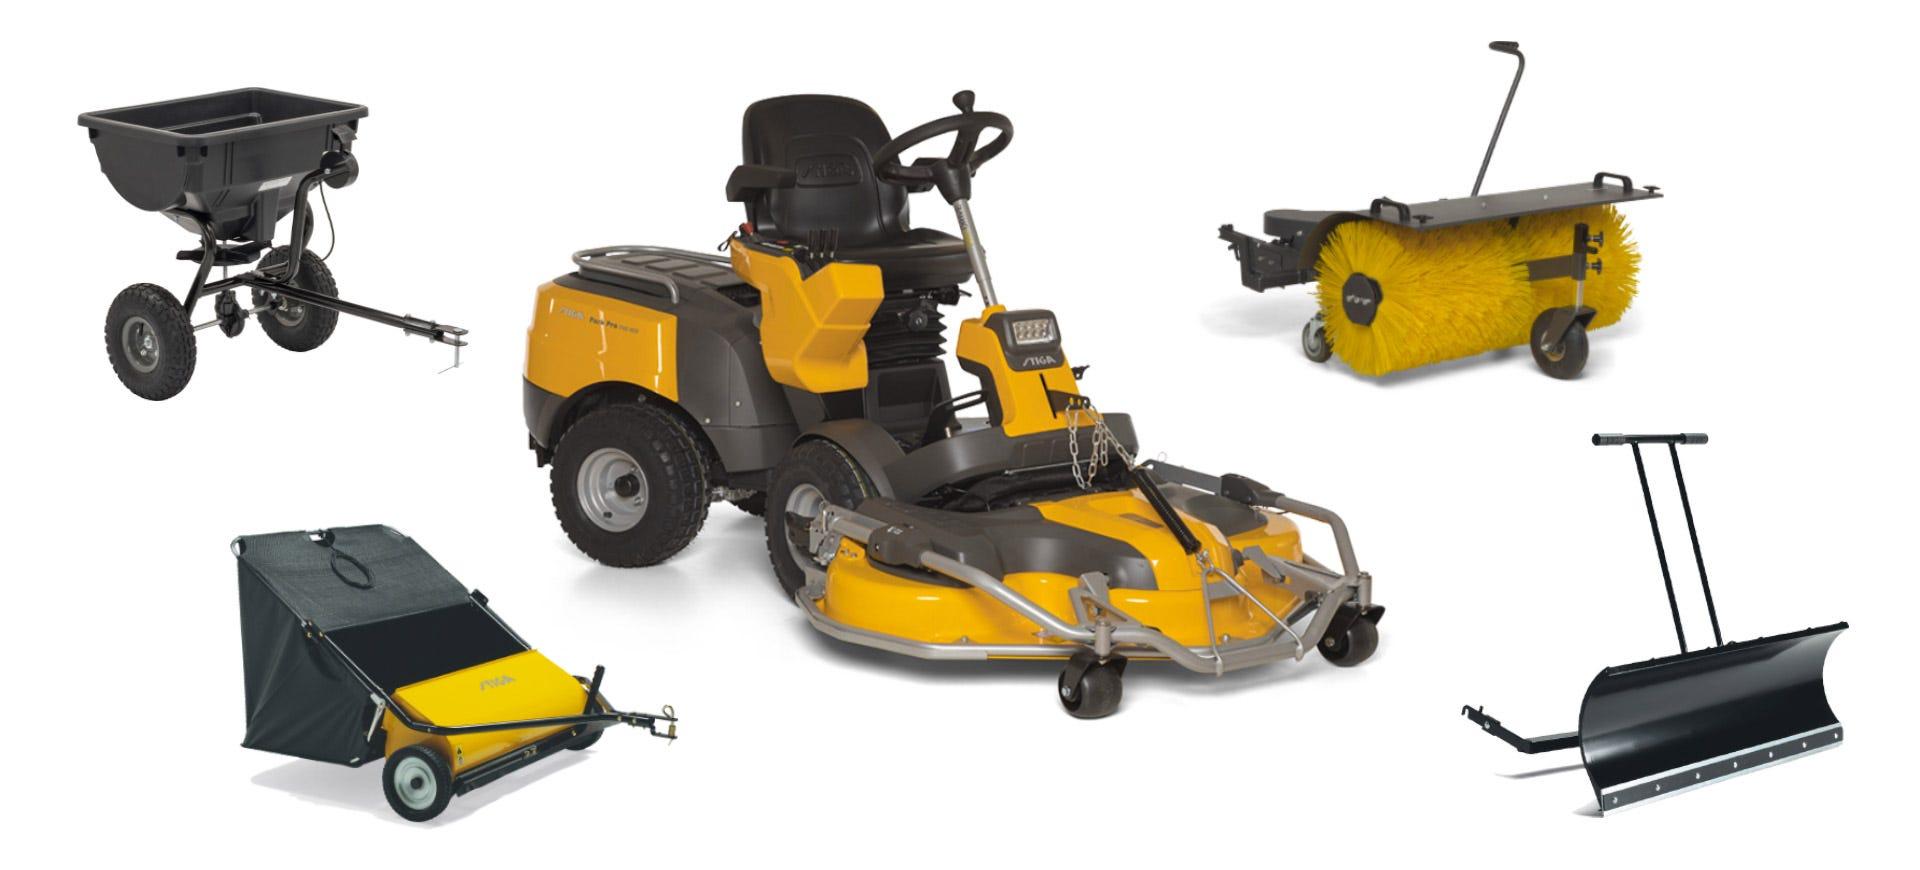 stiga front mower accessories